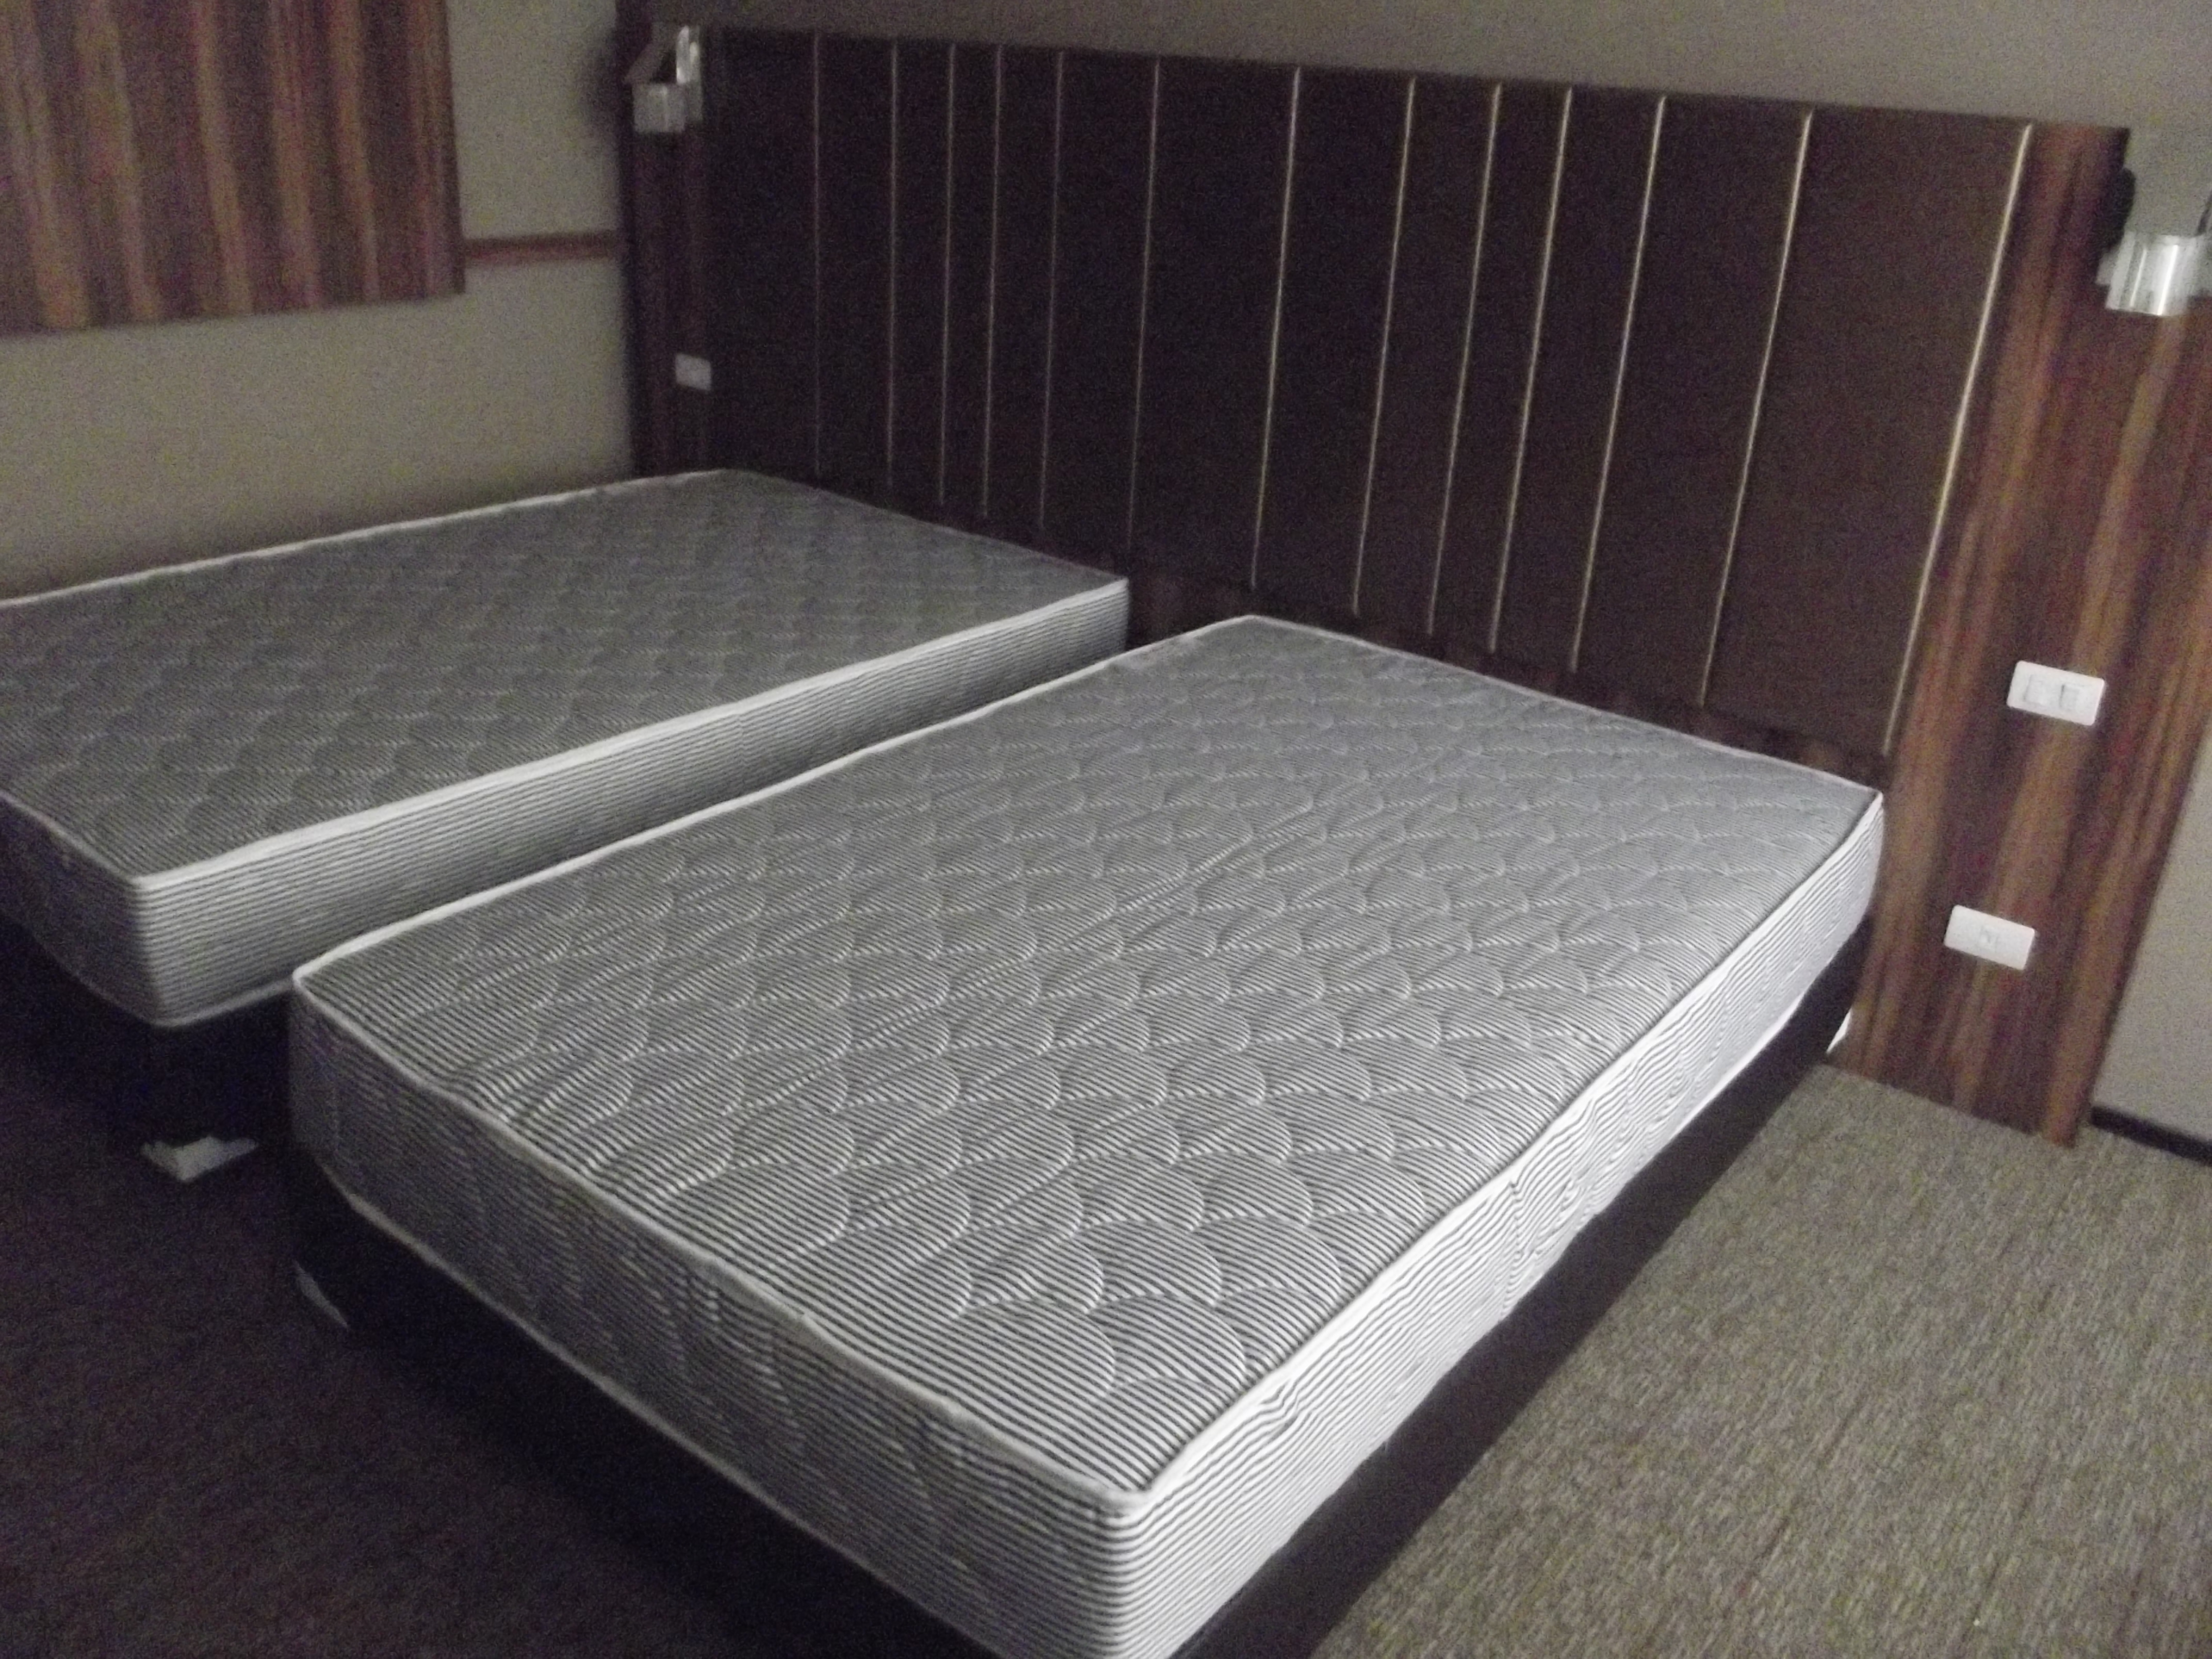 ที่นอนฟองน้ำอัดขนาด 4 ฟุต หนา 8นิ้ว พร้อมฐานเตียง จัดส่งให้โรงแรม Grand Howard ถนน เจริญราษฎร์ ครับ